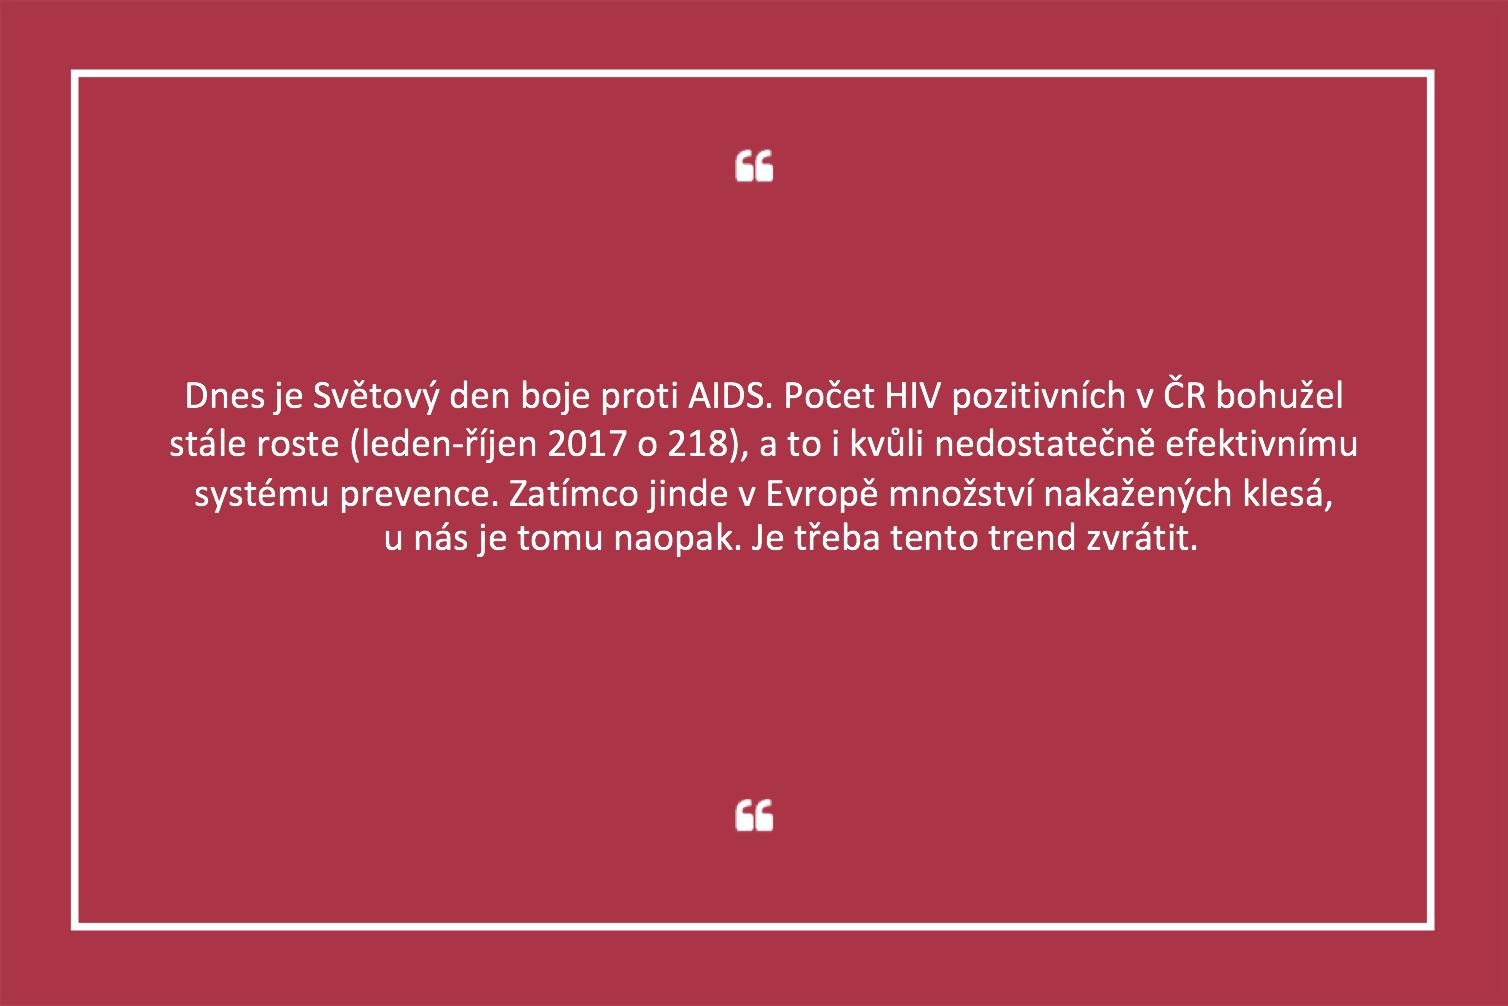 Počet nakažených virem HIV v Česku roste. Lék přitom existuje, stojí ale tisíce korun měsíčně